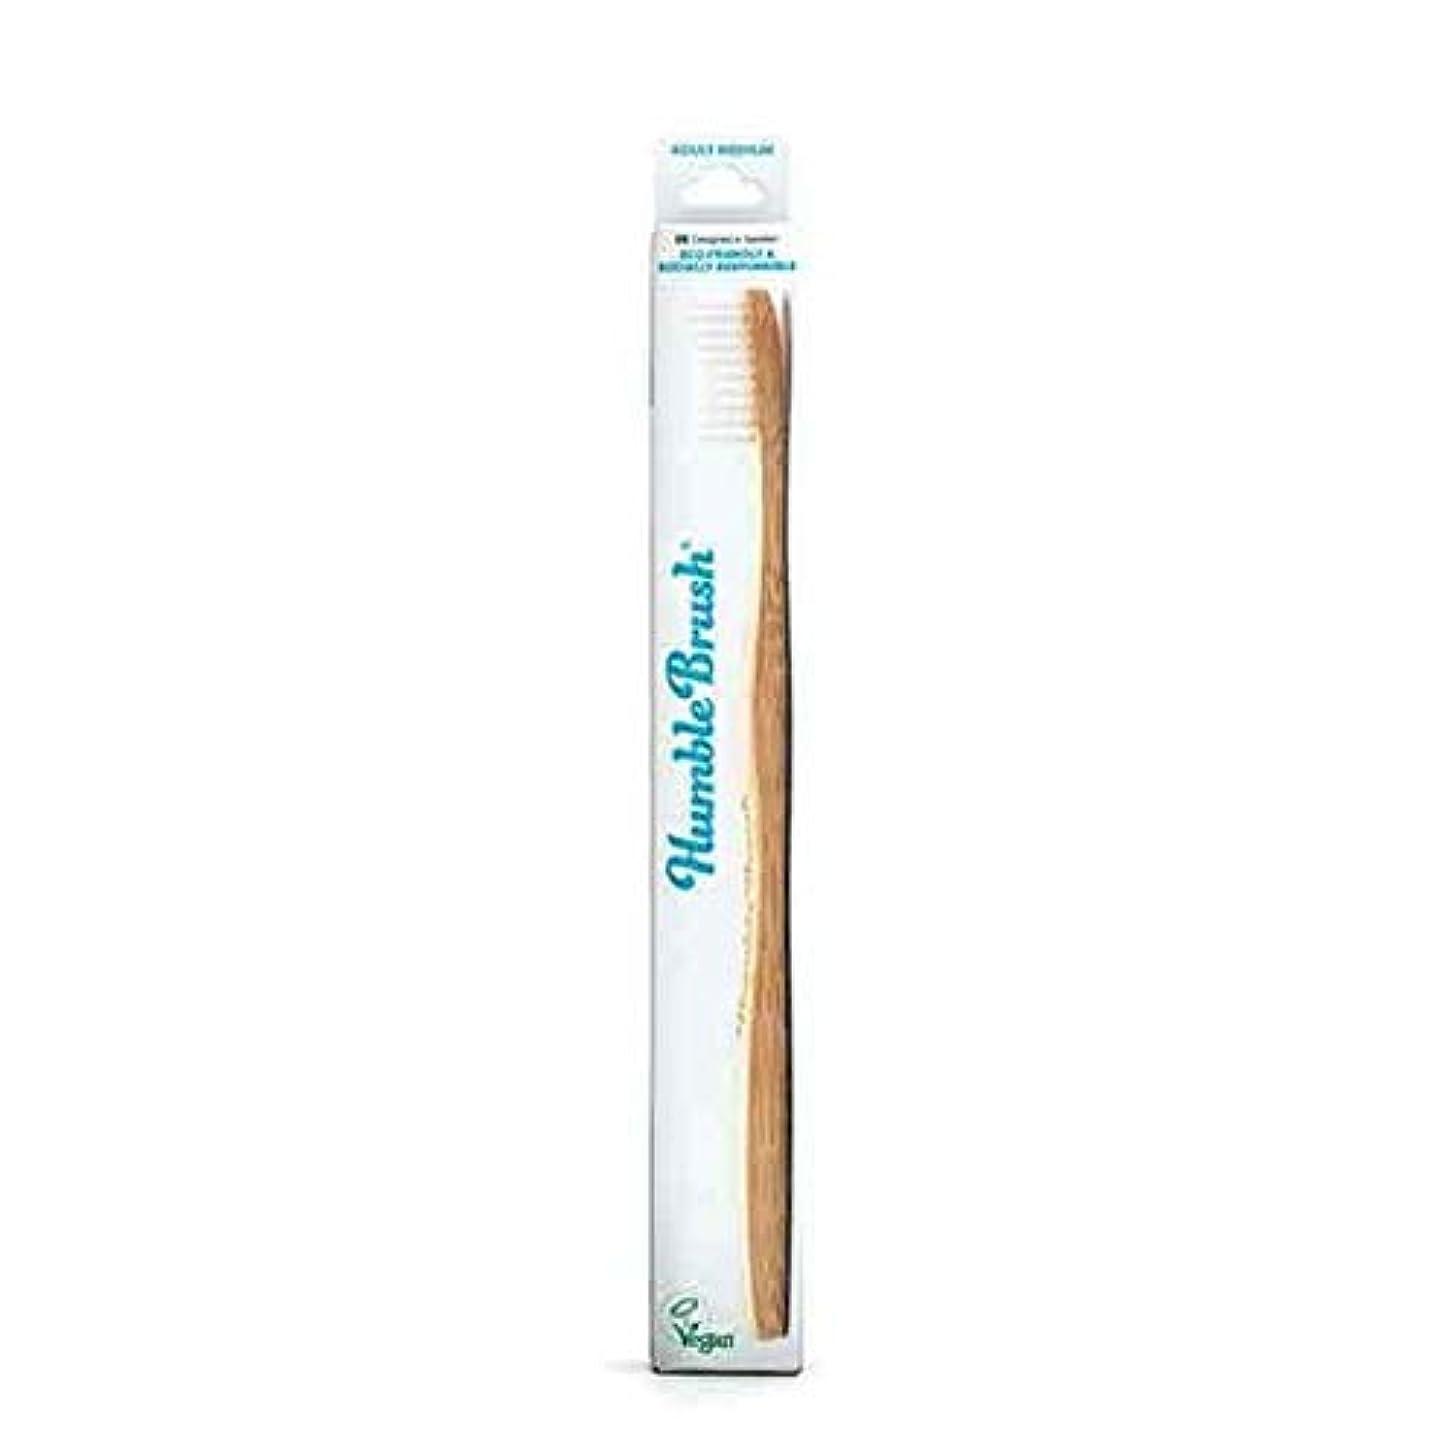 先適合する放射する[The Humble Co ] 謙虚なブラシ大人竹の歯ブラシ白 - Humble Brush Adults Bamboo Toothbrush White [並行輸入品]